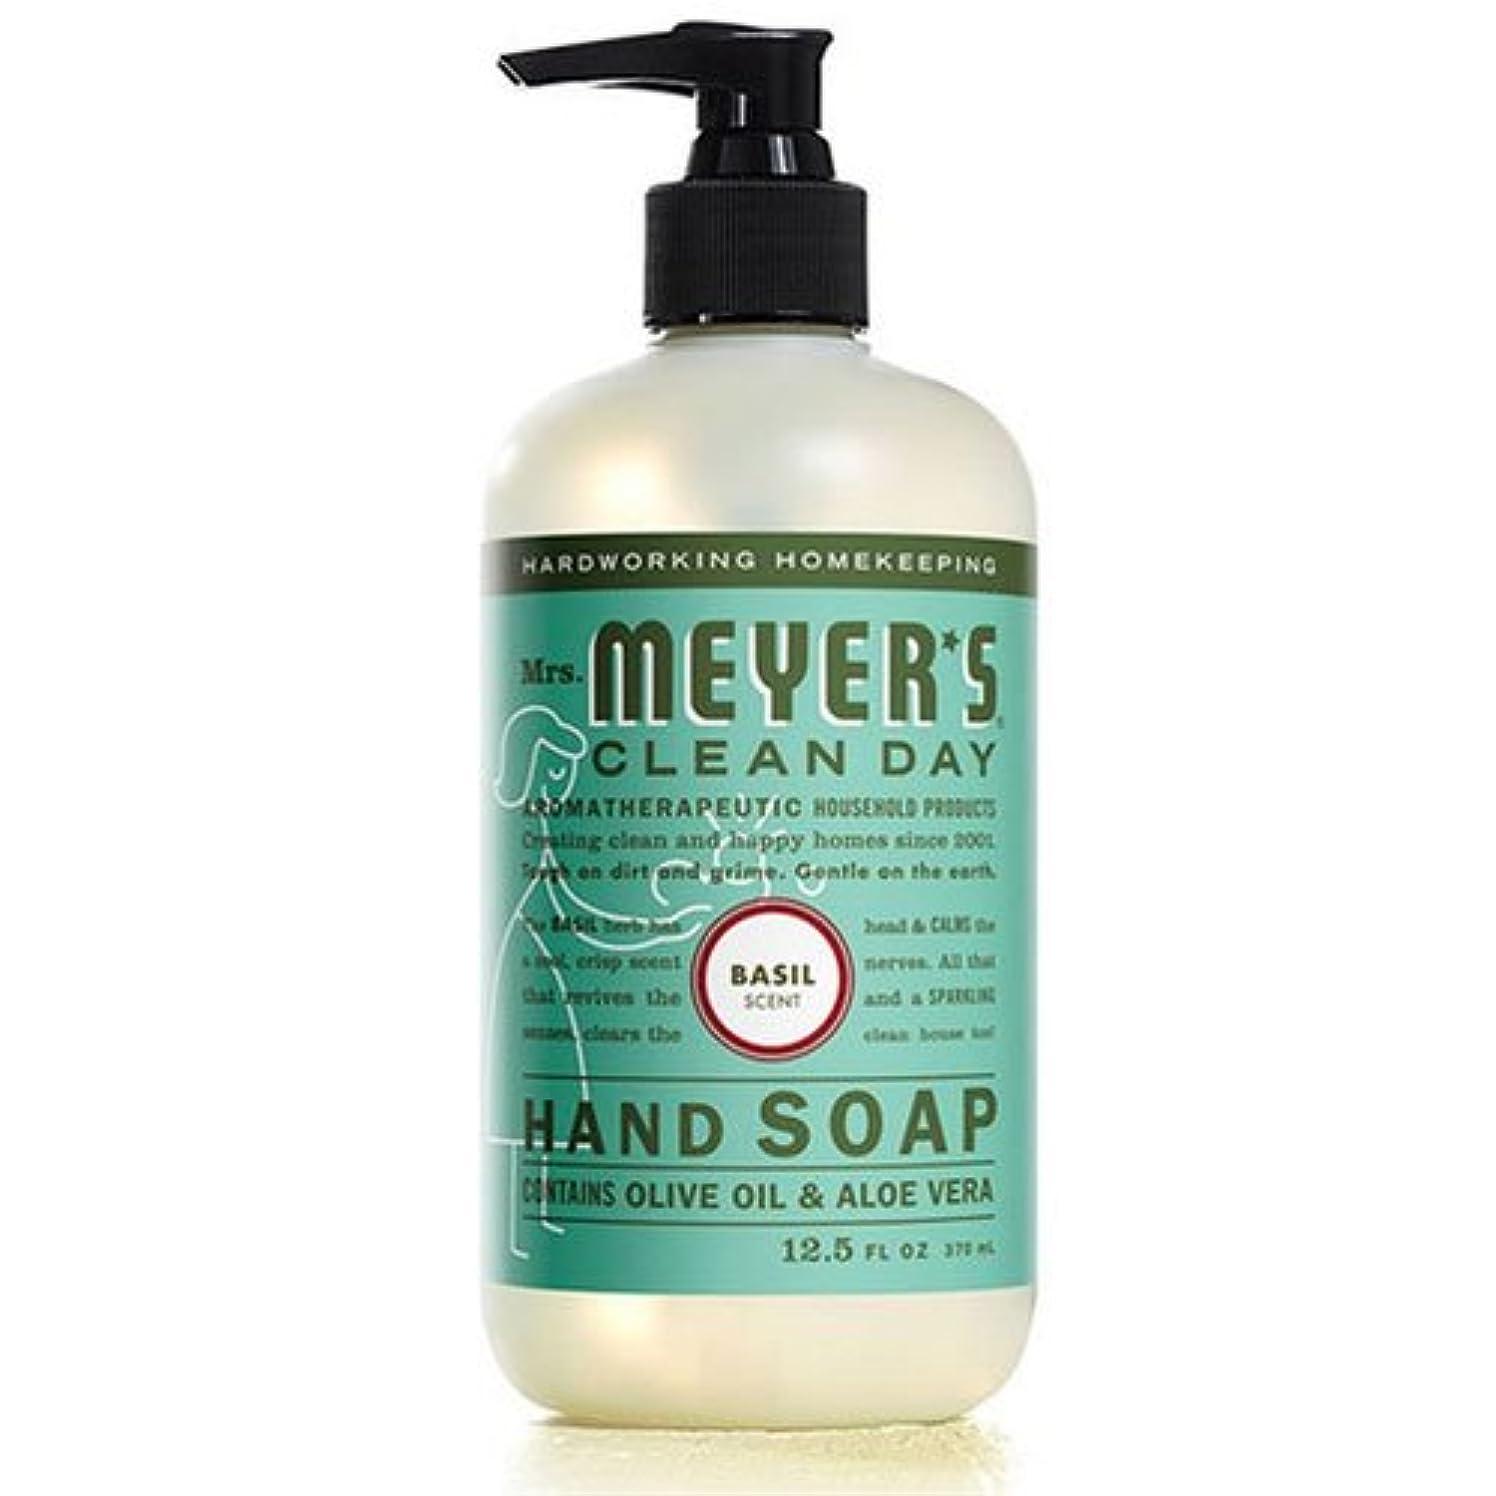 自発的存在する最少Mrs. Meyers's Hand Soap, Liq, Basil, 12.5 FZ by Mrs. Meyers